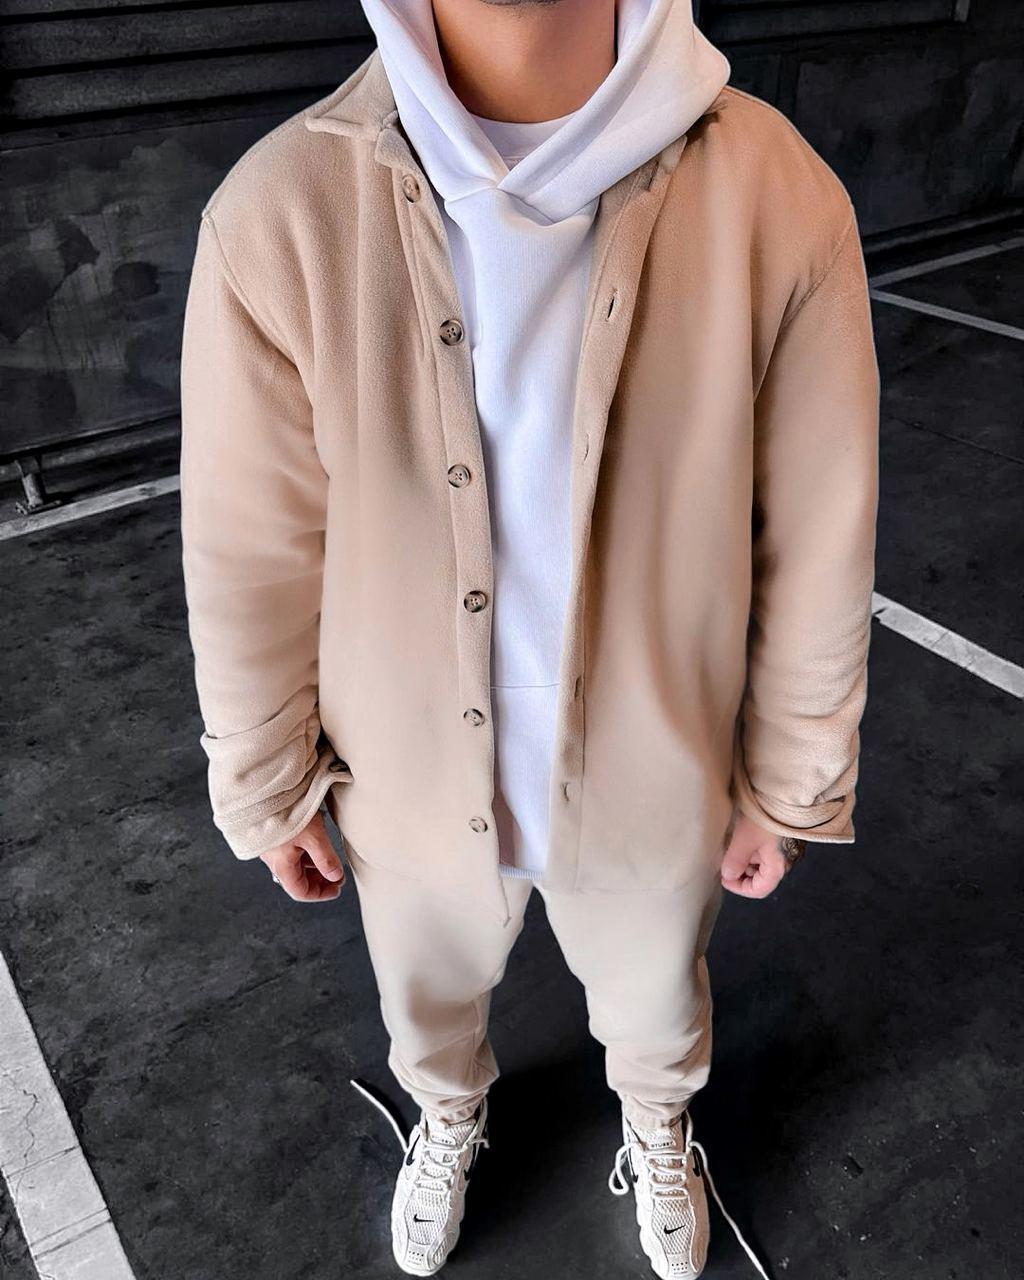 Спортивный костюм - Мужской спортивный костюм бежевый / чоловічий спортивний костюм бежевий на холодну осінь